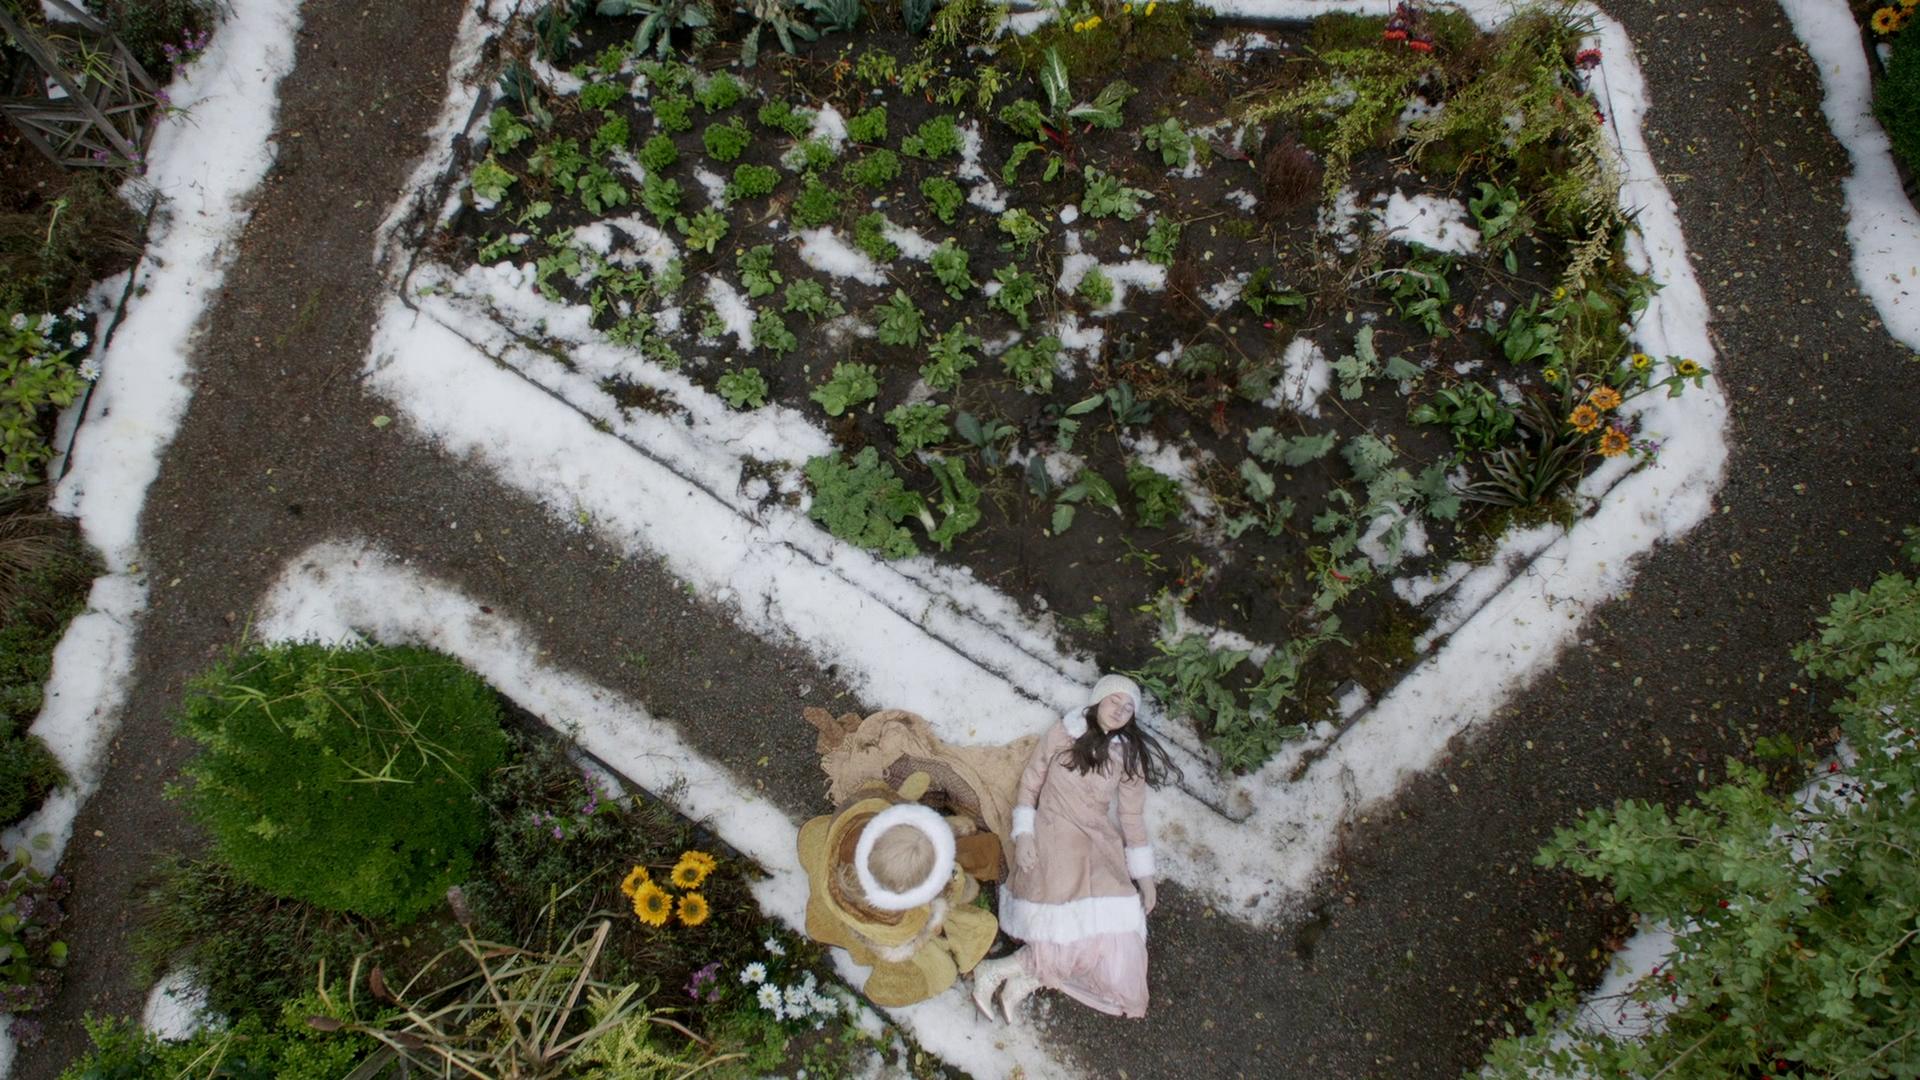 Gothel's Garden